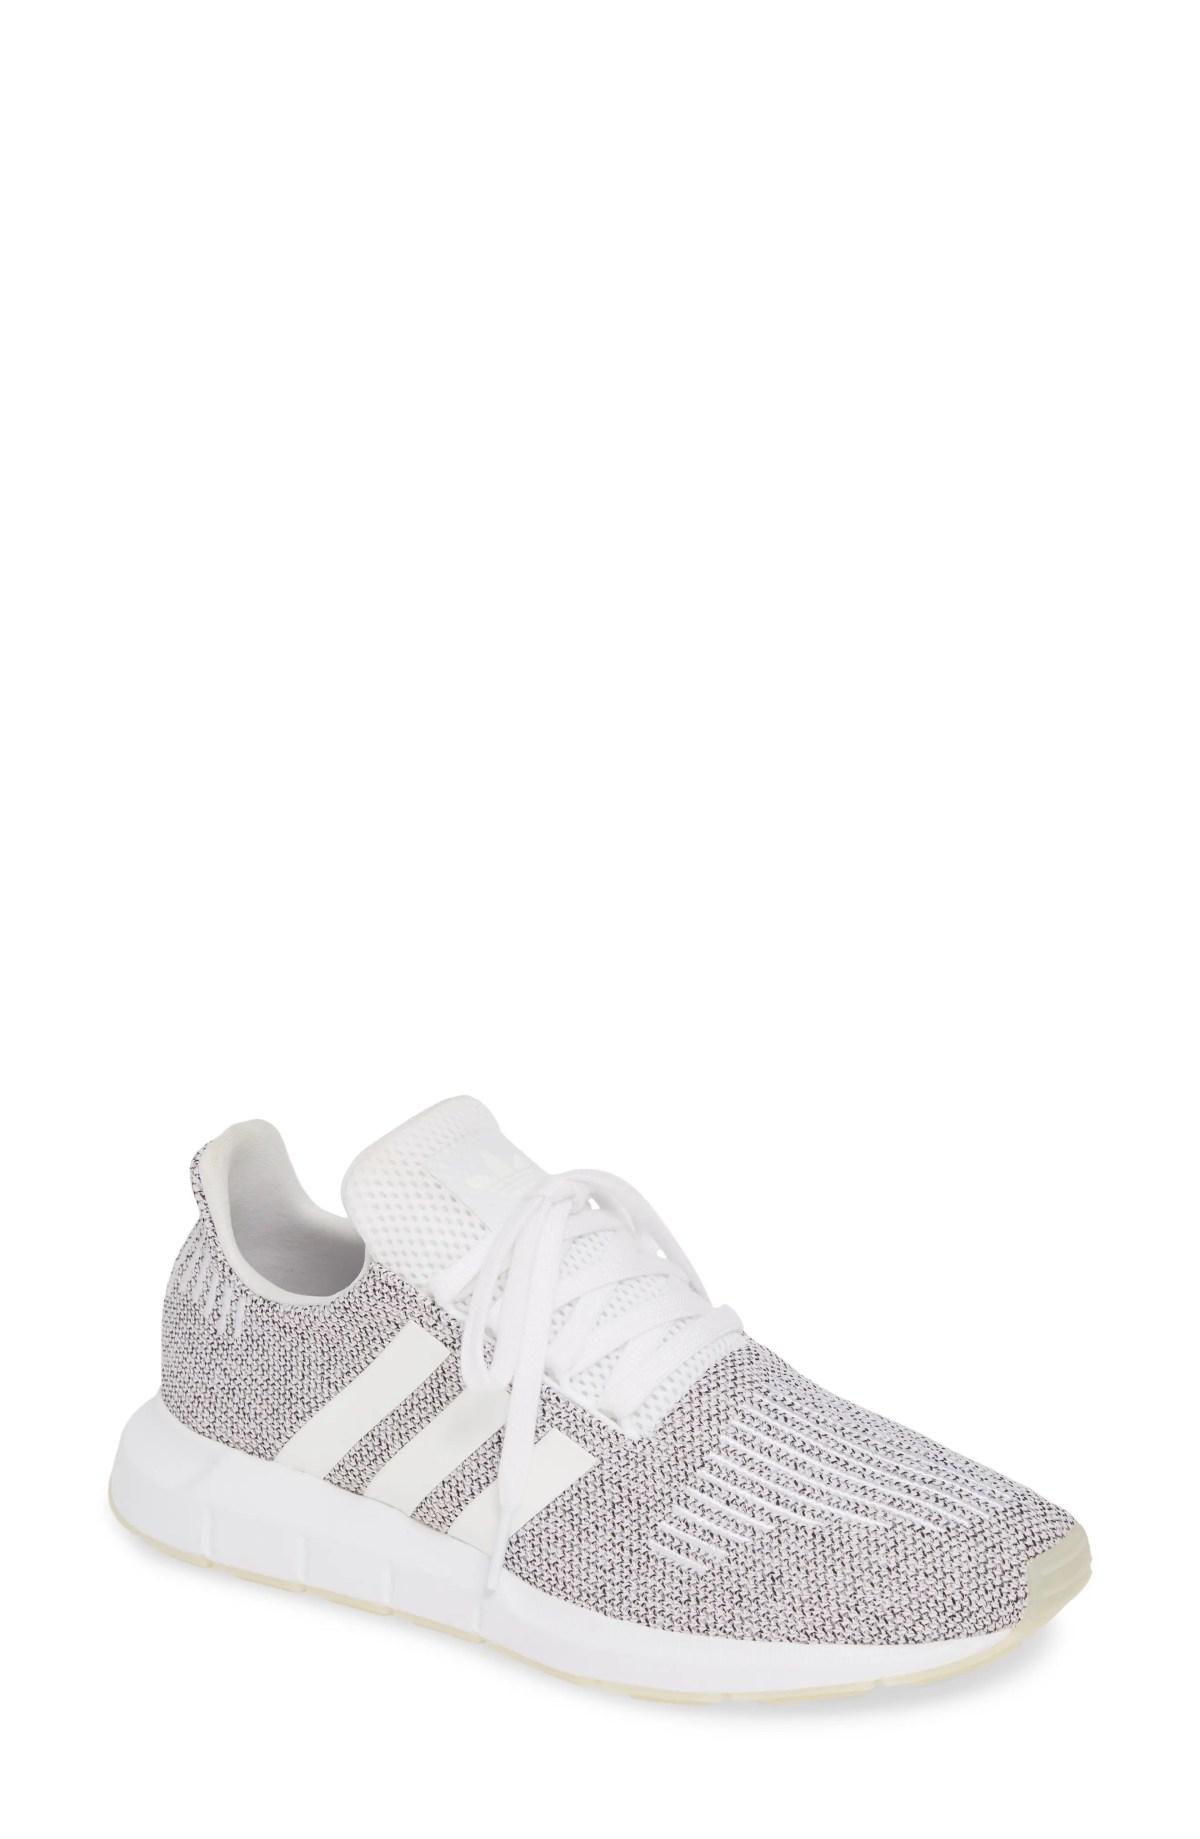 ADIDAS Swift Run Sneaker, Main, color, WHITE/ WHITE/ CORE BLACK